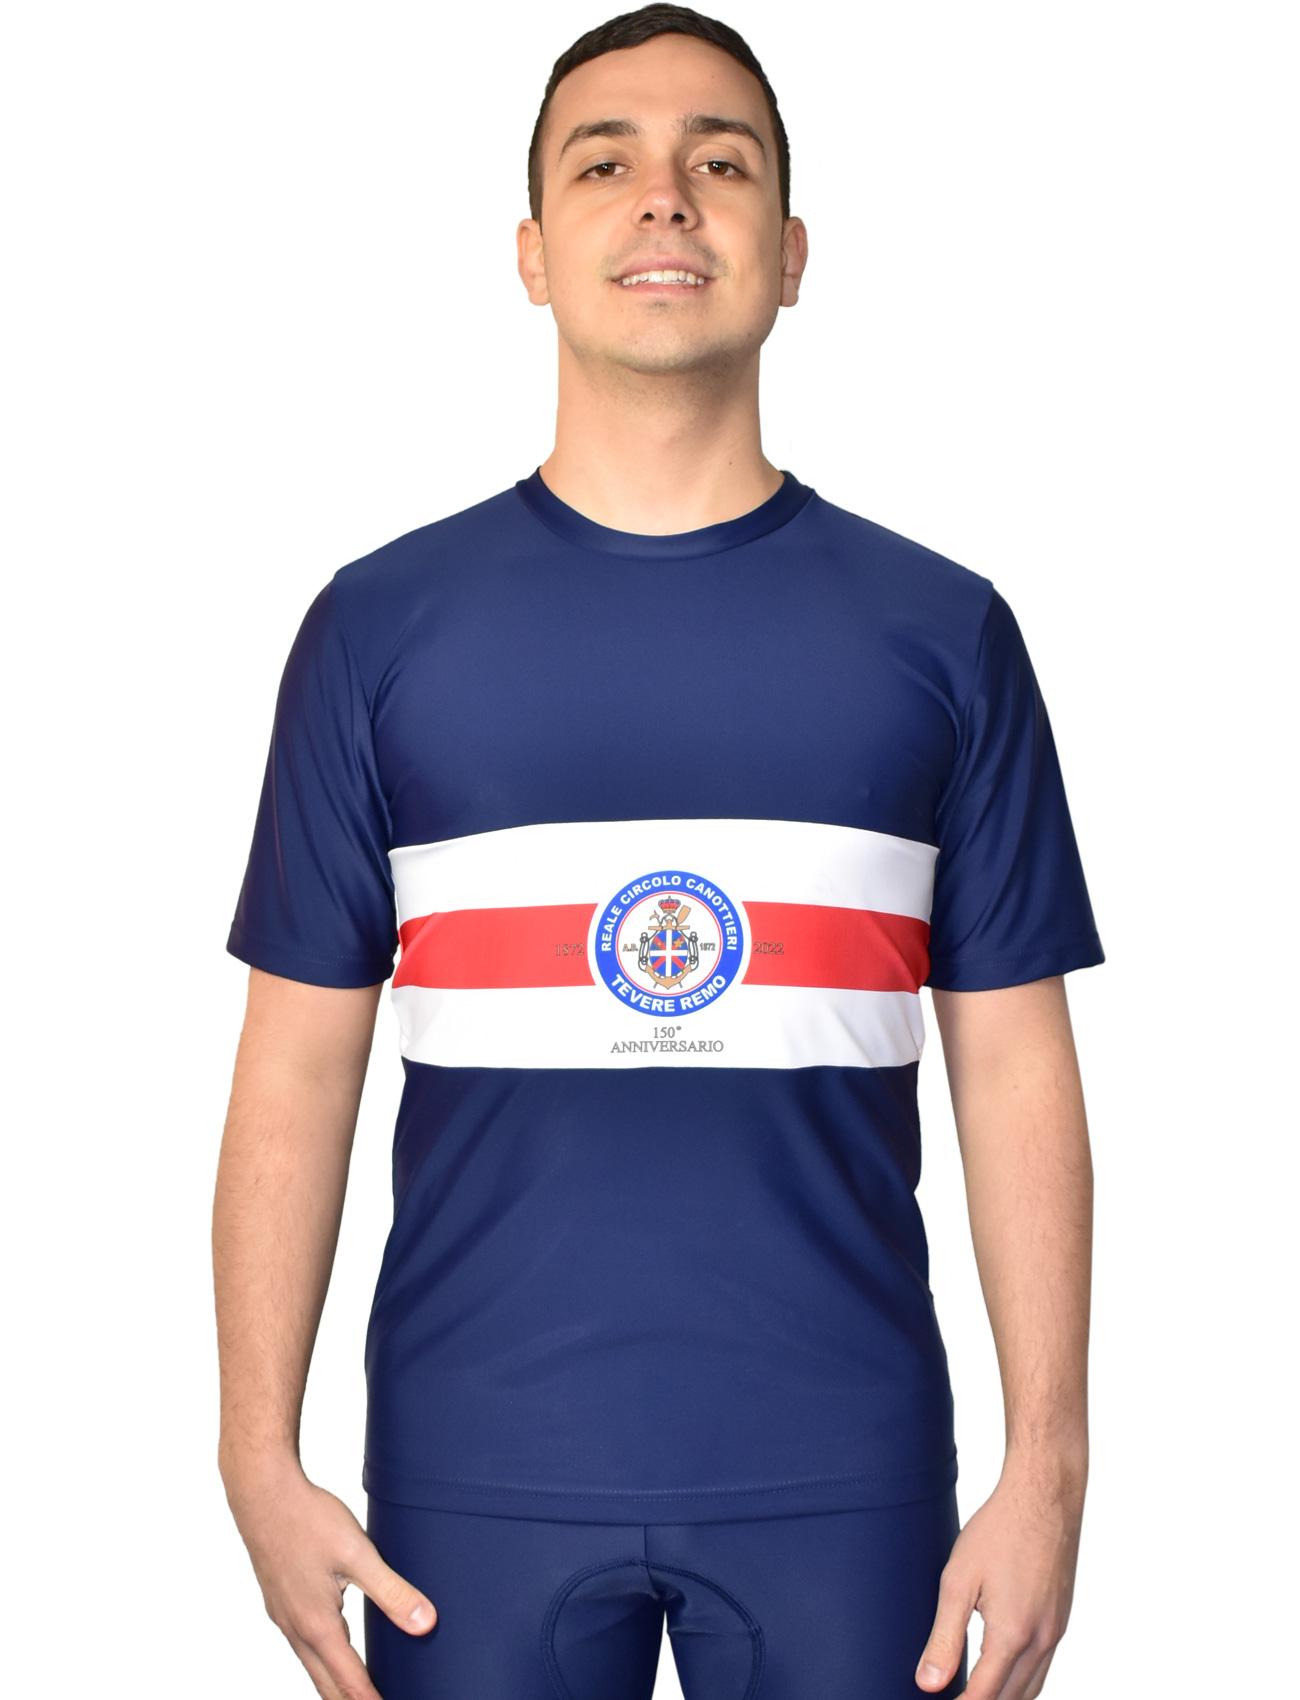 Da Hobby Sport Roma t-shirt microfibra Reale Circolo Canottieri Tevere Remo